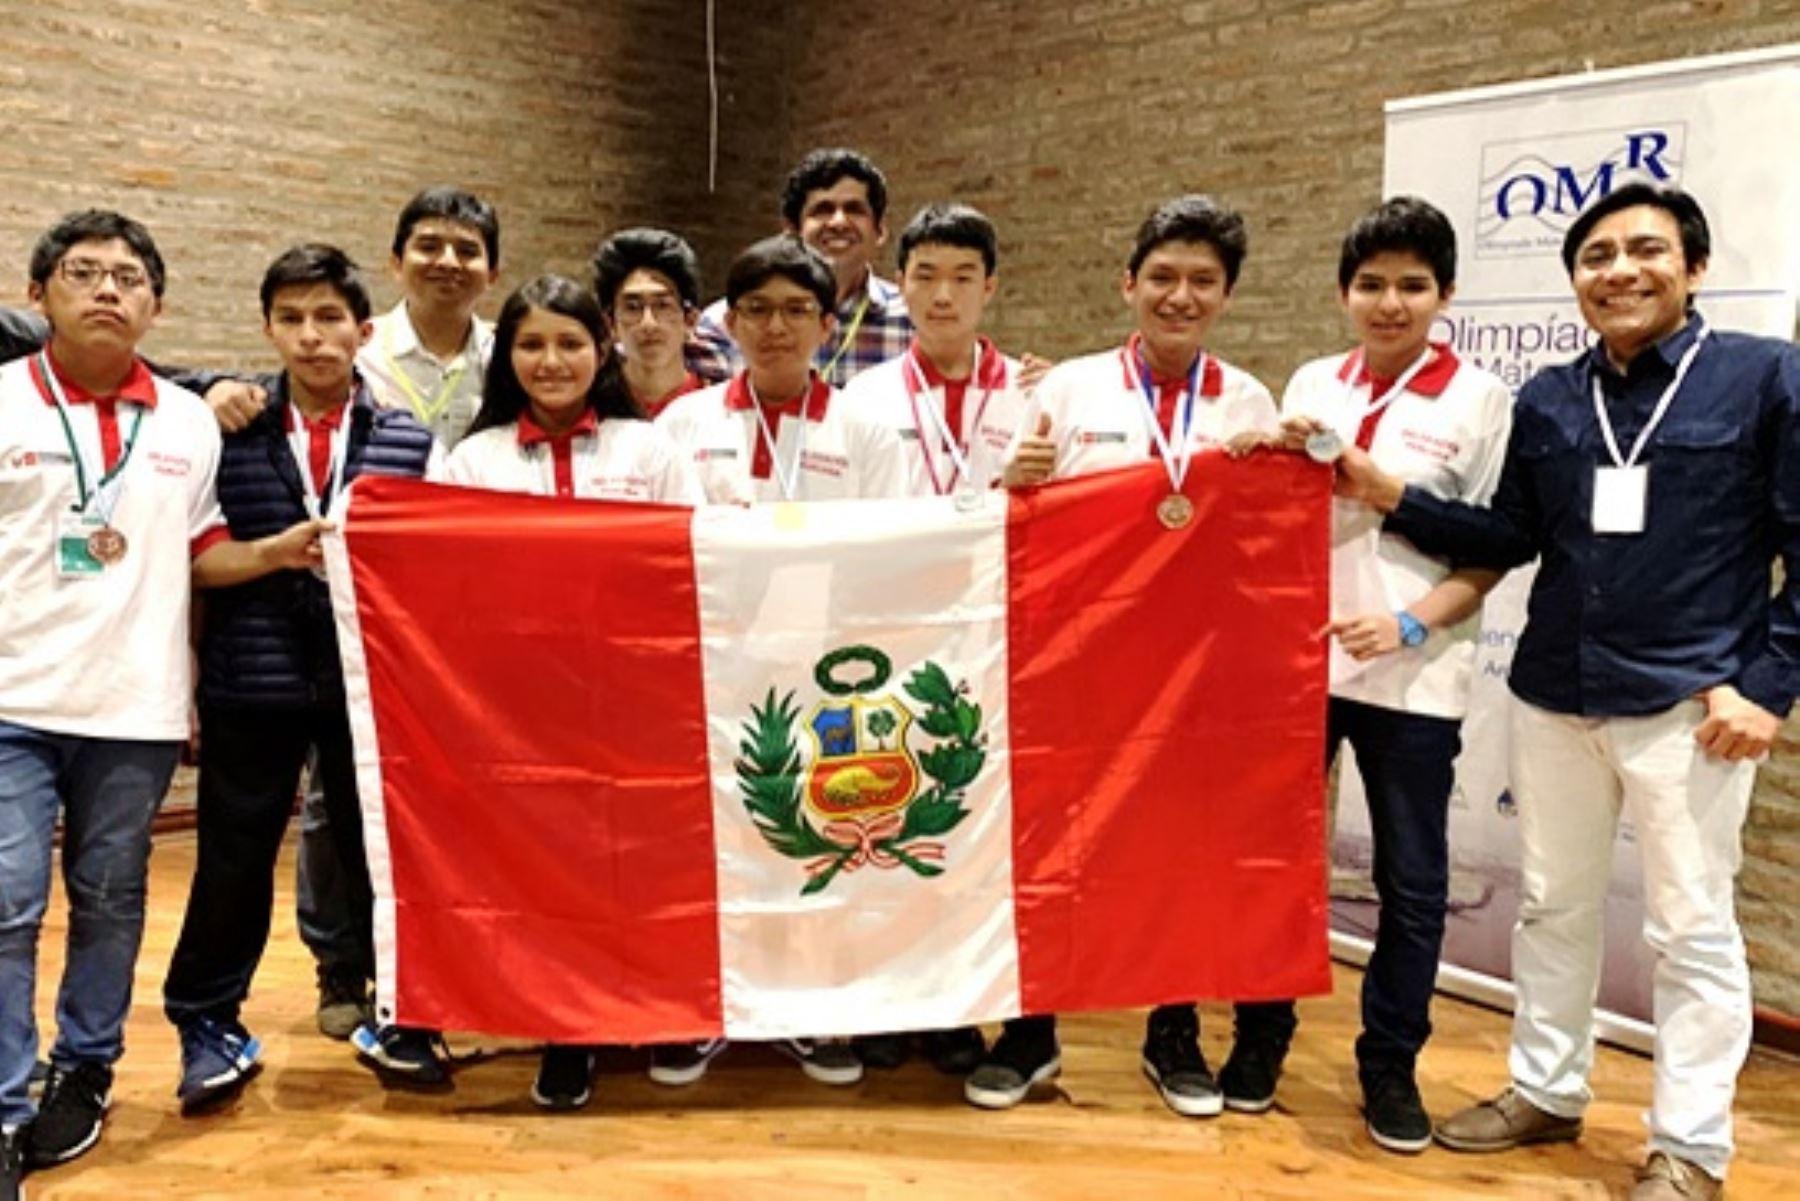 Perú se corona campeón en olimpiada escolar de matemáticas en Argentina. Foto: ANDINA/Difusión.